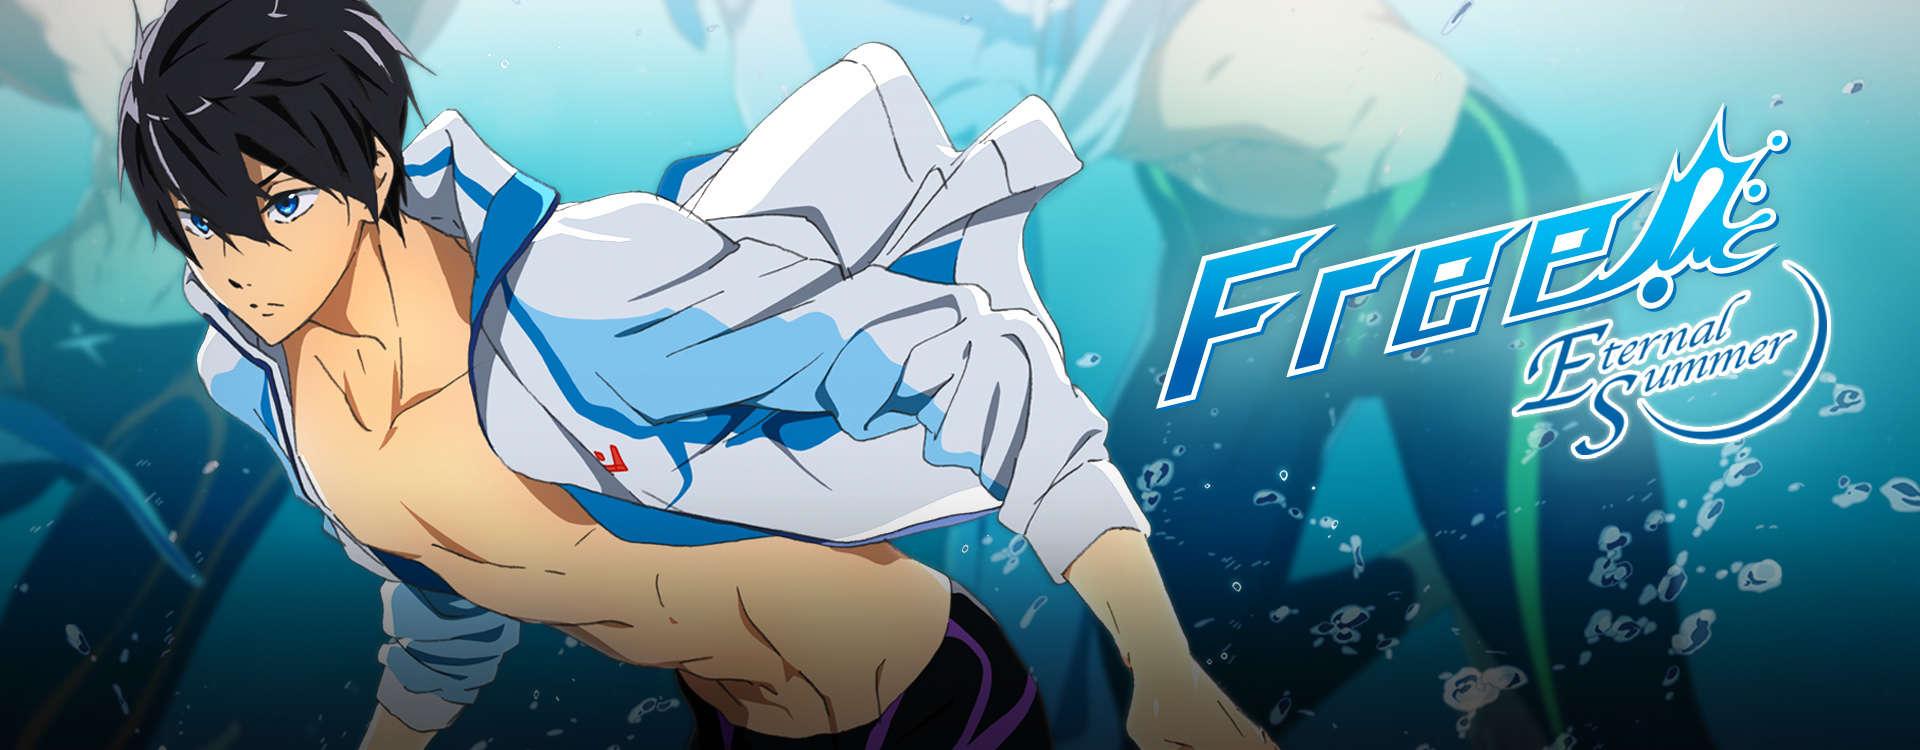 Free! - Iwatobi Swim Club - + Free! -Eternal Summer-